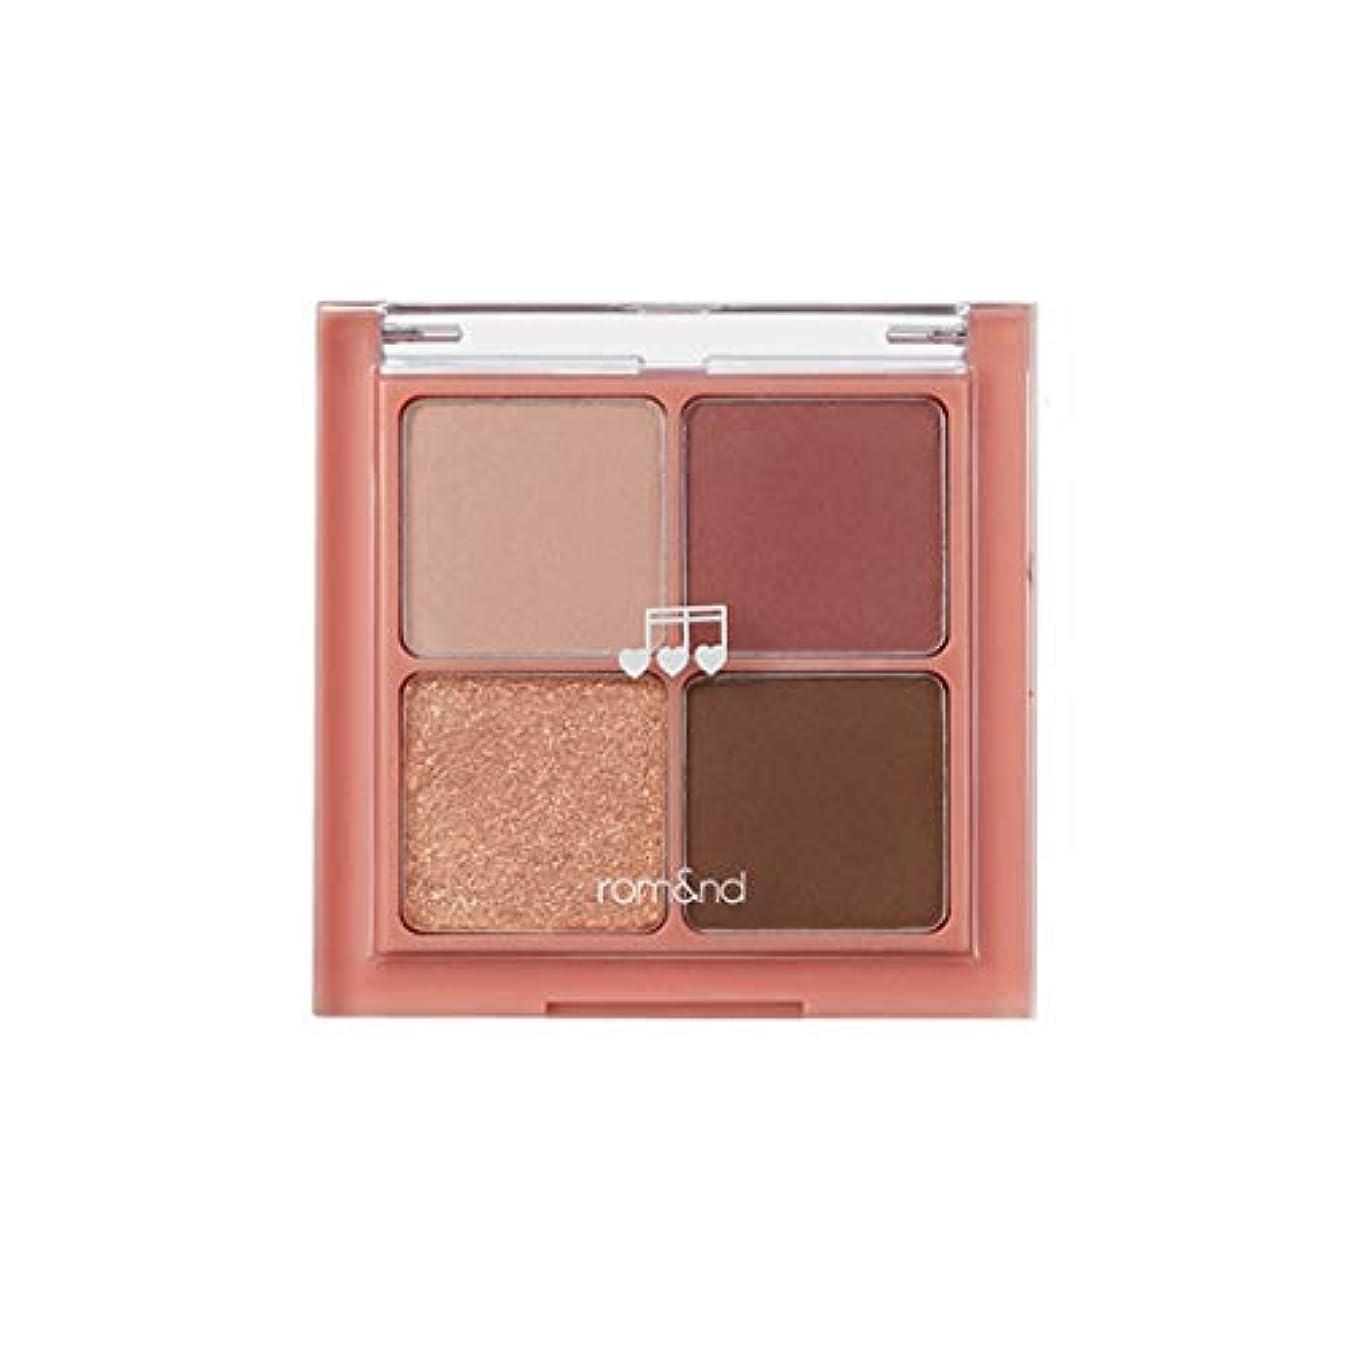 不忠体操一掃するrom&nd BETTER THAN EYES Eyeshadow Palette 4色のアイシャドウパレット # M3 DRY cosmos(並行輸入品)